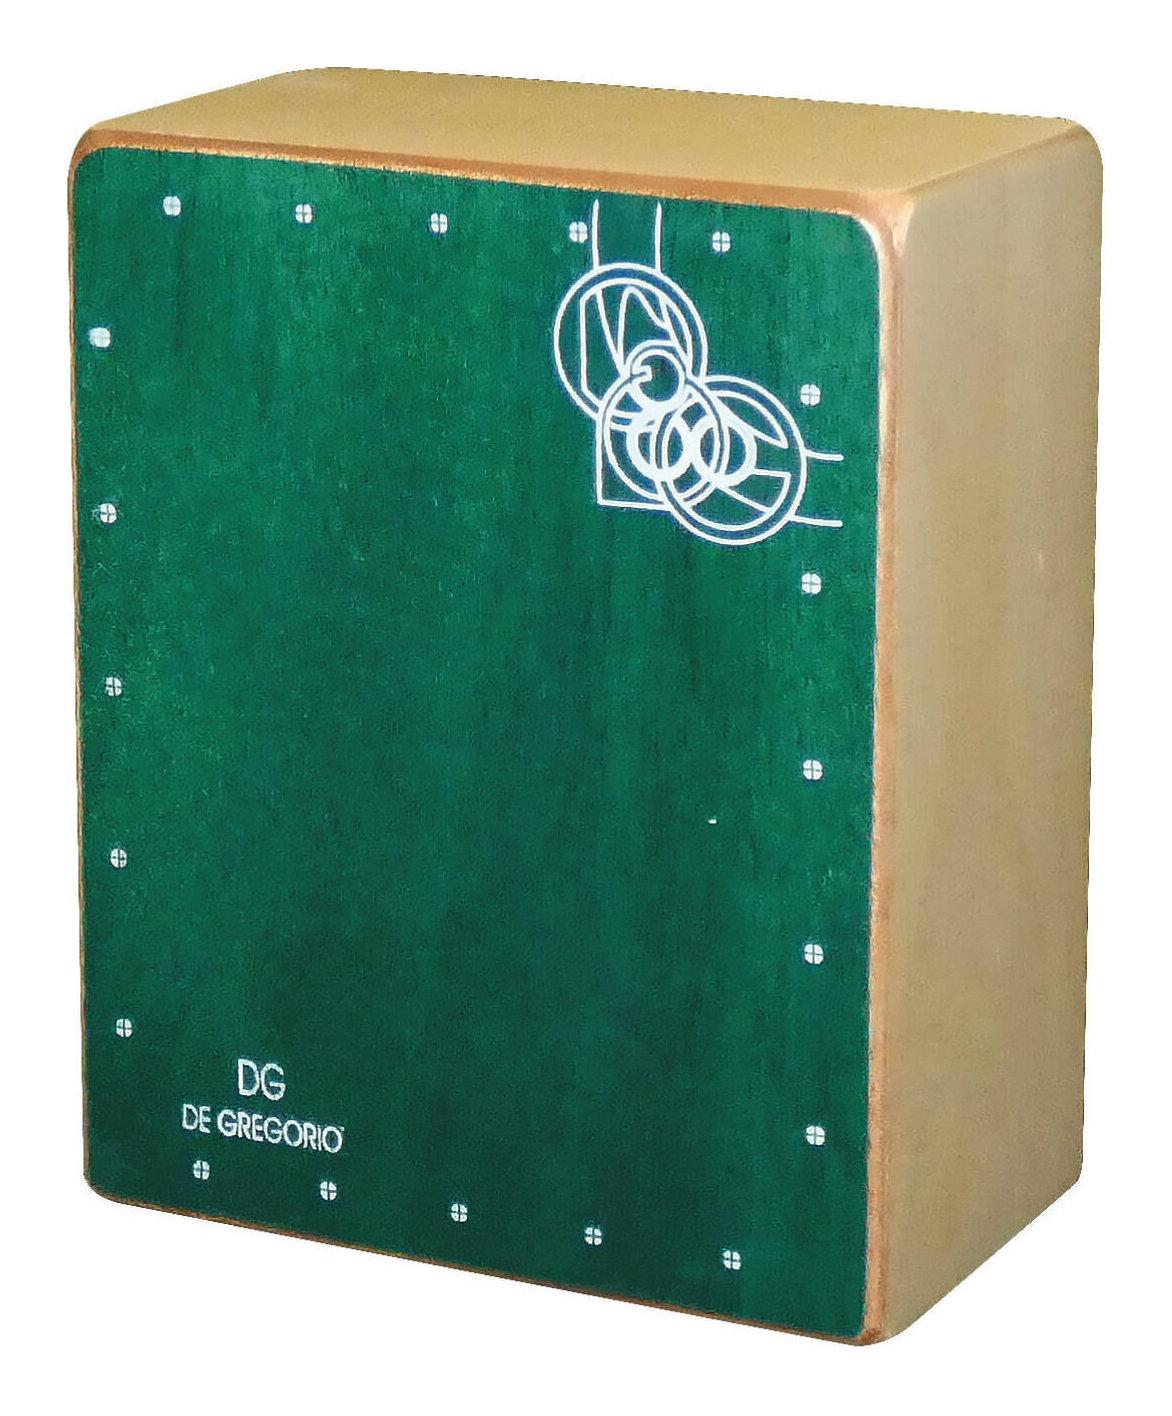 お買い得品 De Gregorio 販売実績No.1 DG Mini Cajon 送料無料 smtb-TK GREEN ミニカホン